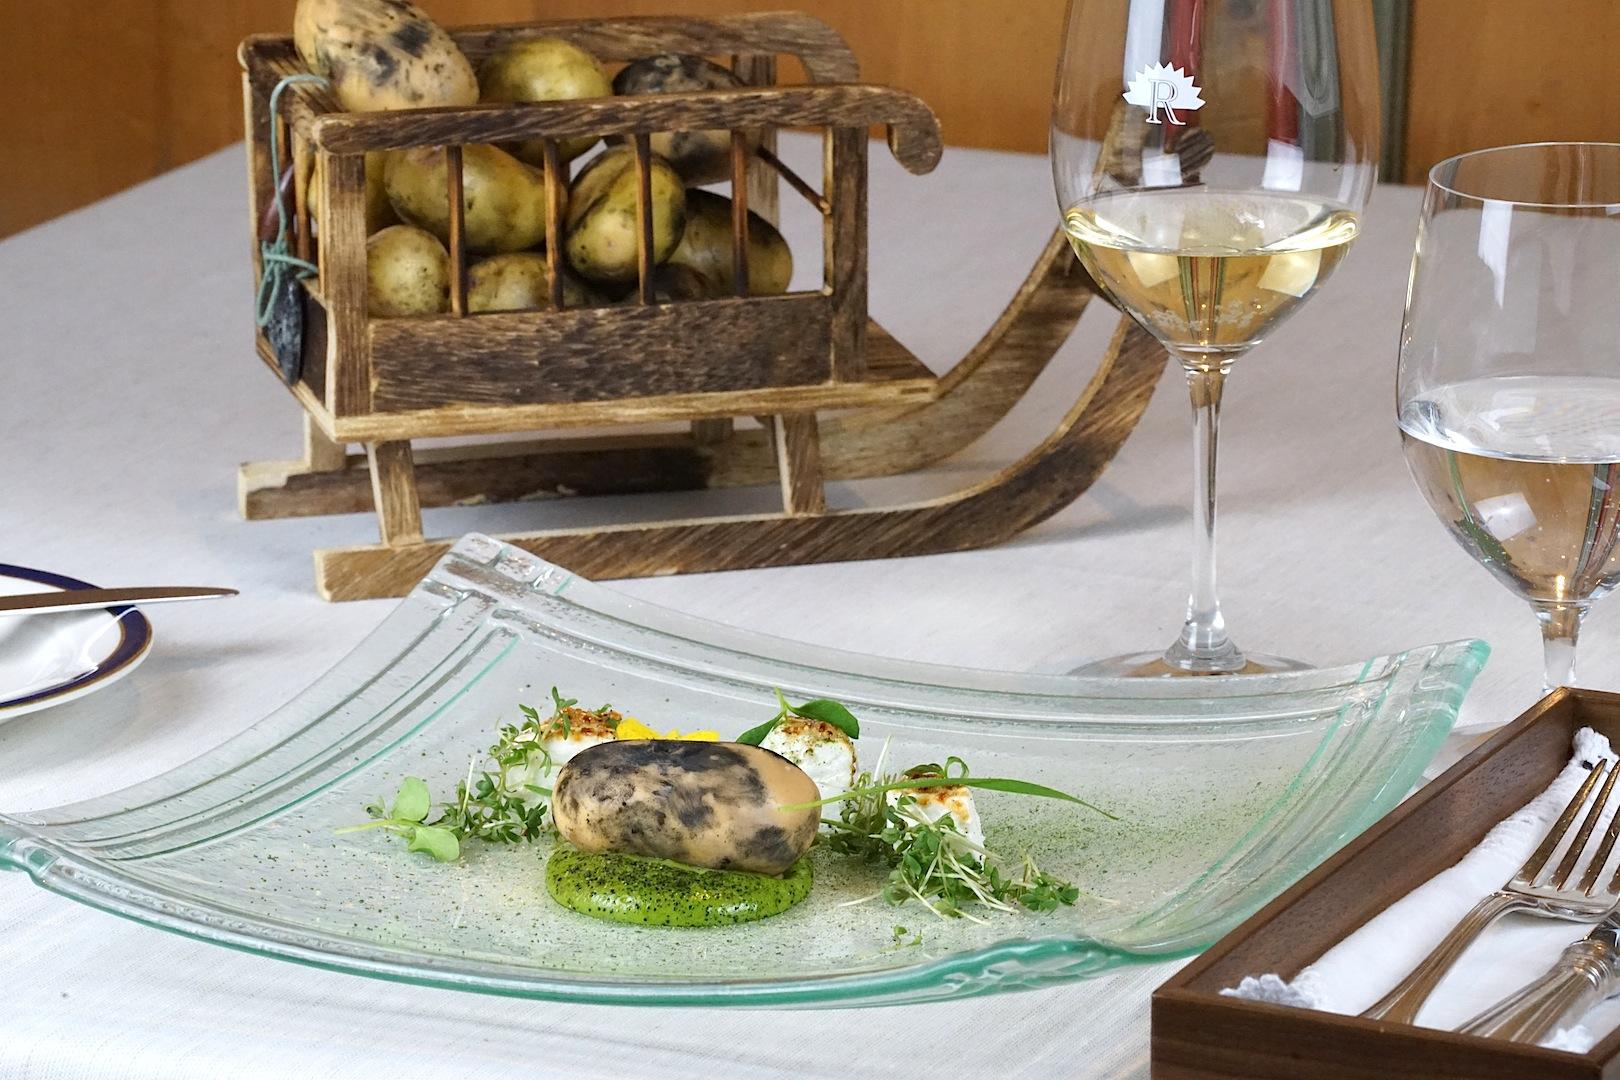 Die besten Restaurants in Ischgl - Restaurant Heimatbühne: Vorspeise Kuh und Ziege auf der grünen Weide und der Schlitten war mit Erdäpfeln beladen